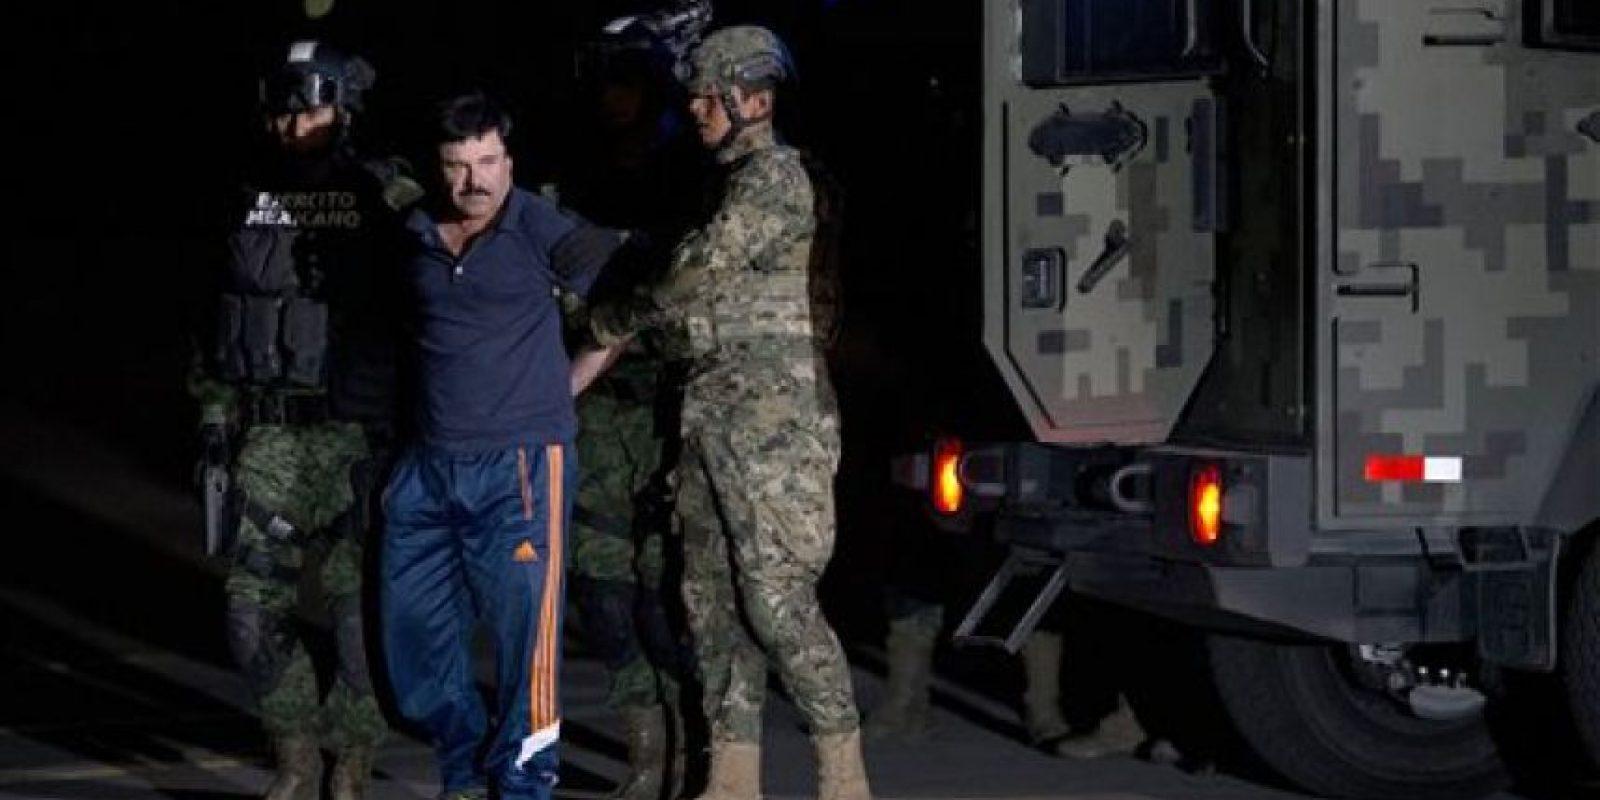 """Hasta el momento """"El Chapo"""" continúa encerrado en el penal """"El Altiplano"""" y se enfrenta a una proceso de extradición a Estados Unidos. Foto:AP"""